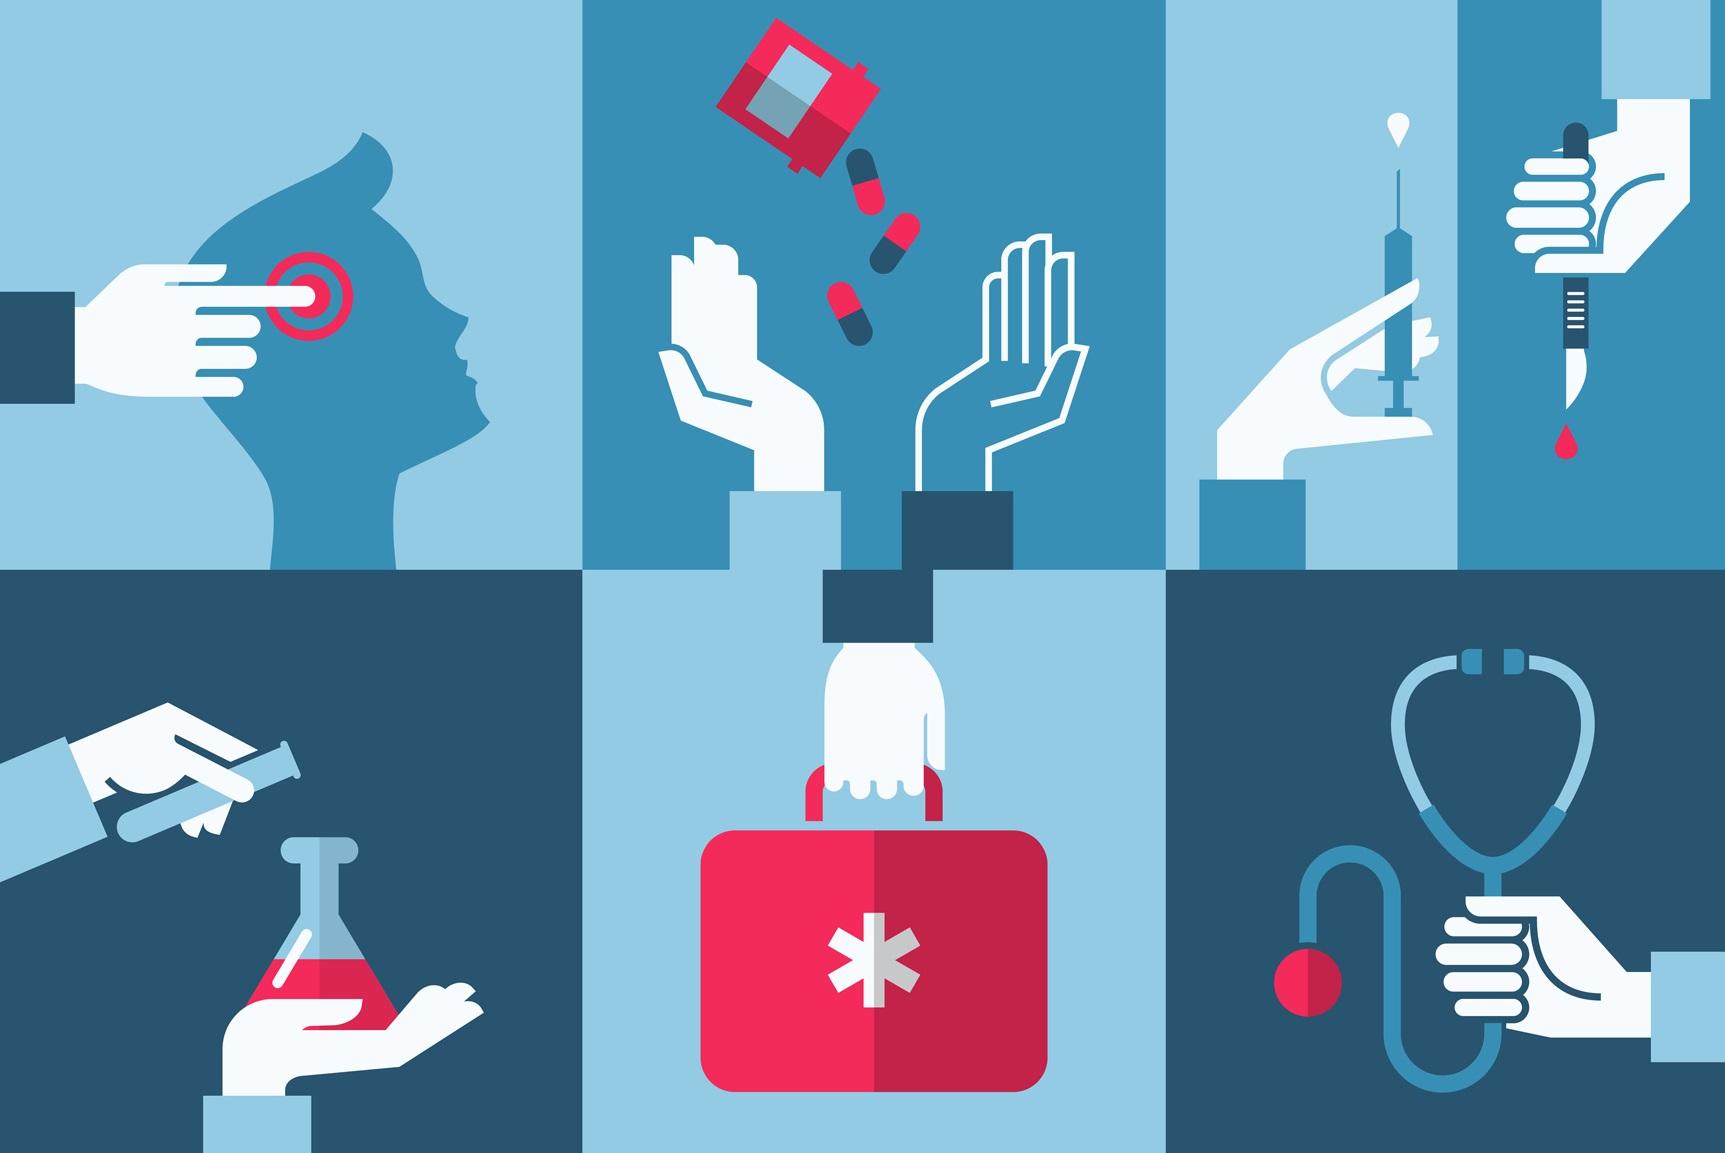 כל הטיפולים לשבץ מוחי (צילום: Shutterstock)